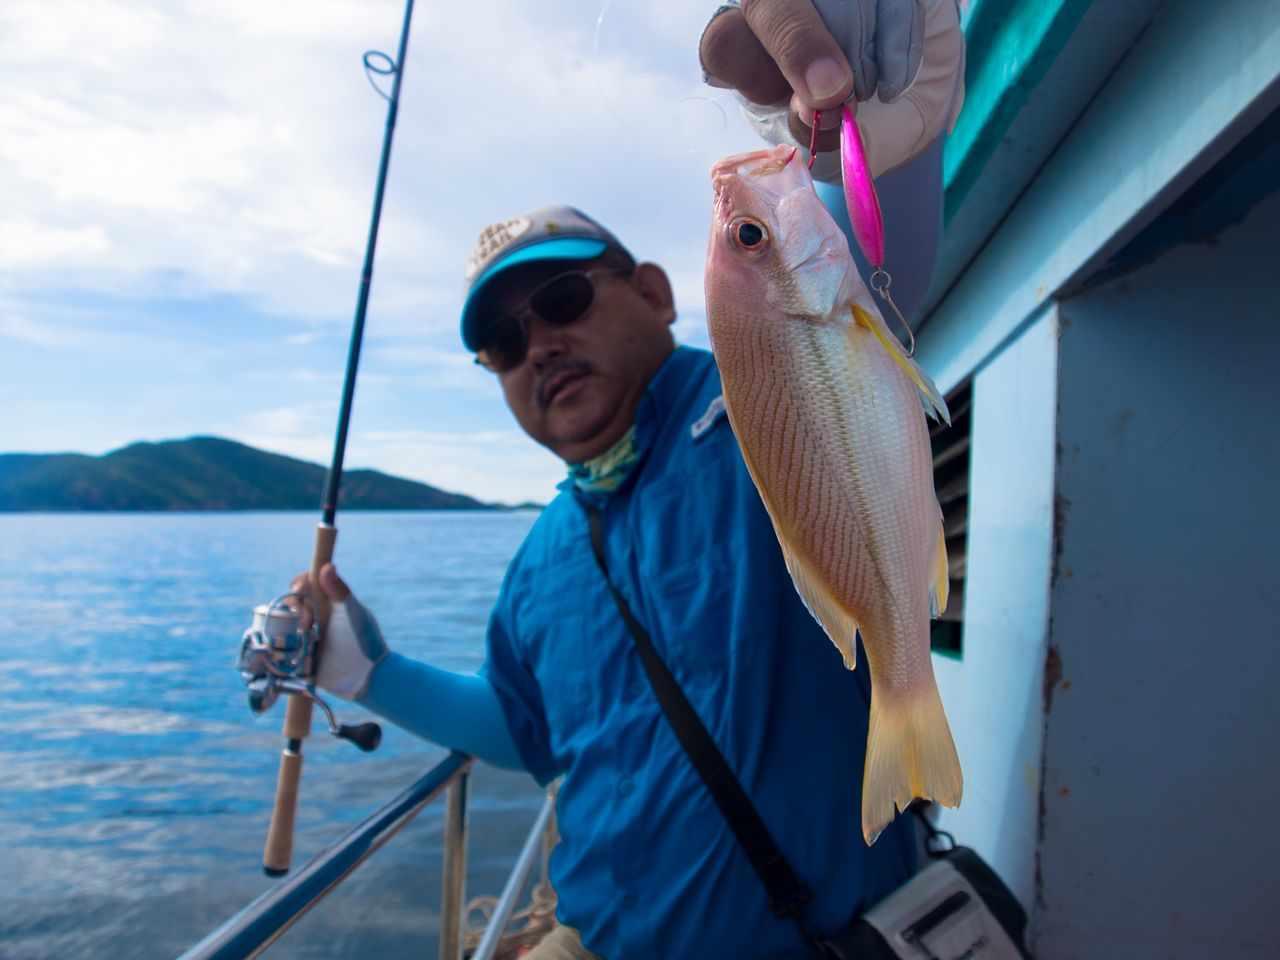 タイランド 太田さん Arriver69Dance で釣る。_a0153216_23314520.jpg